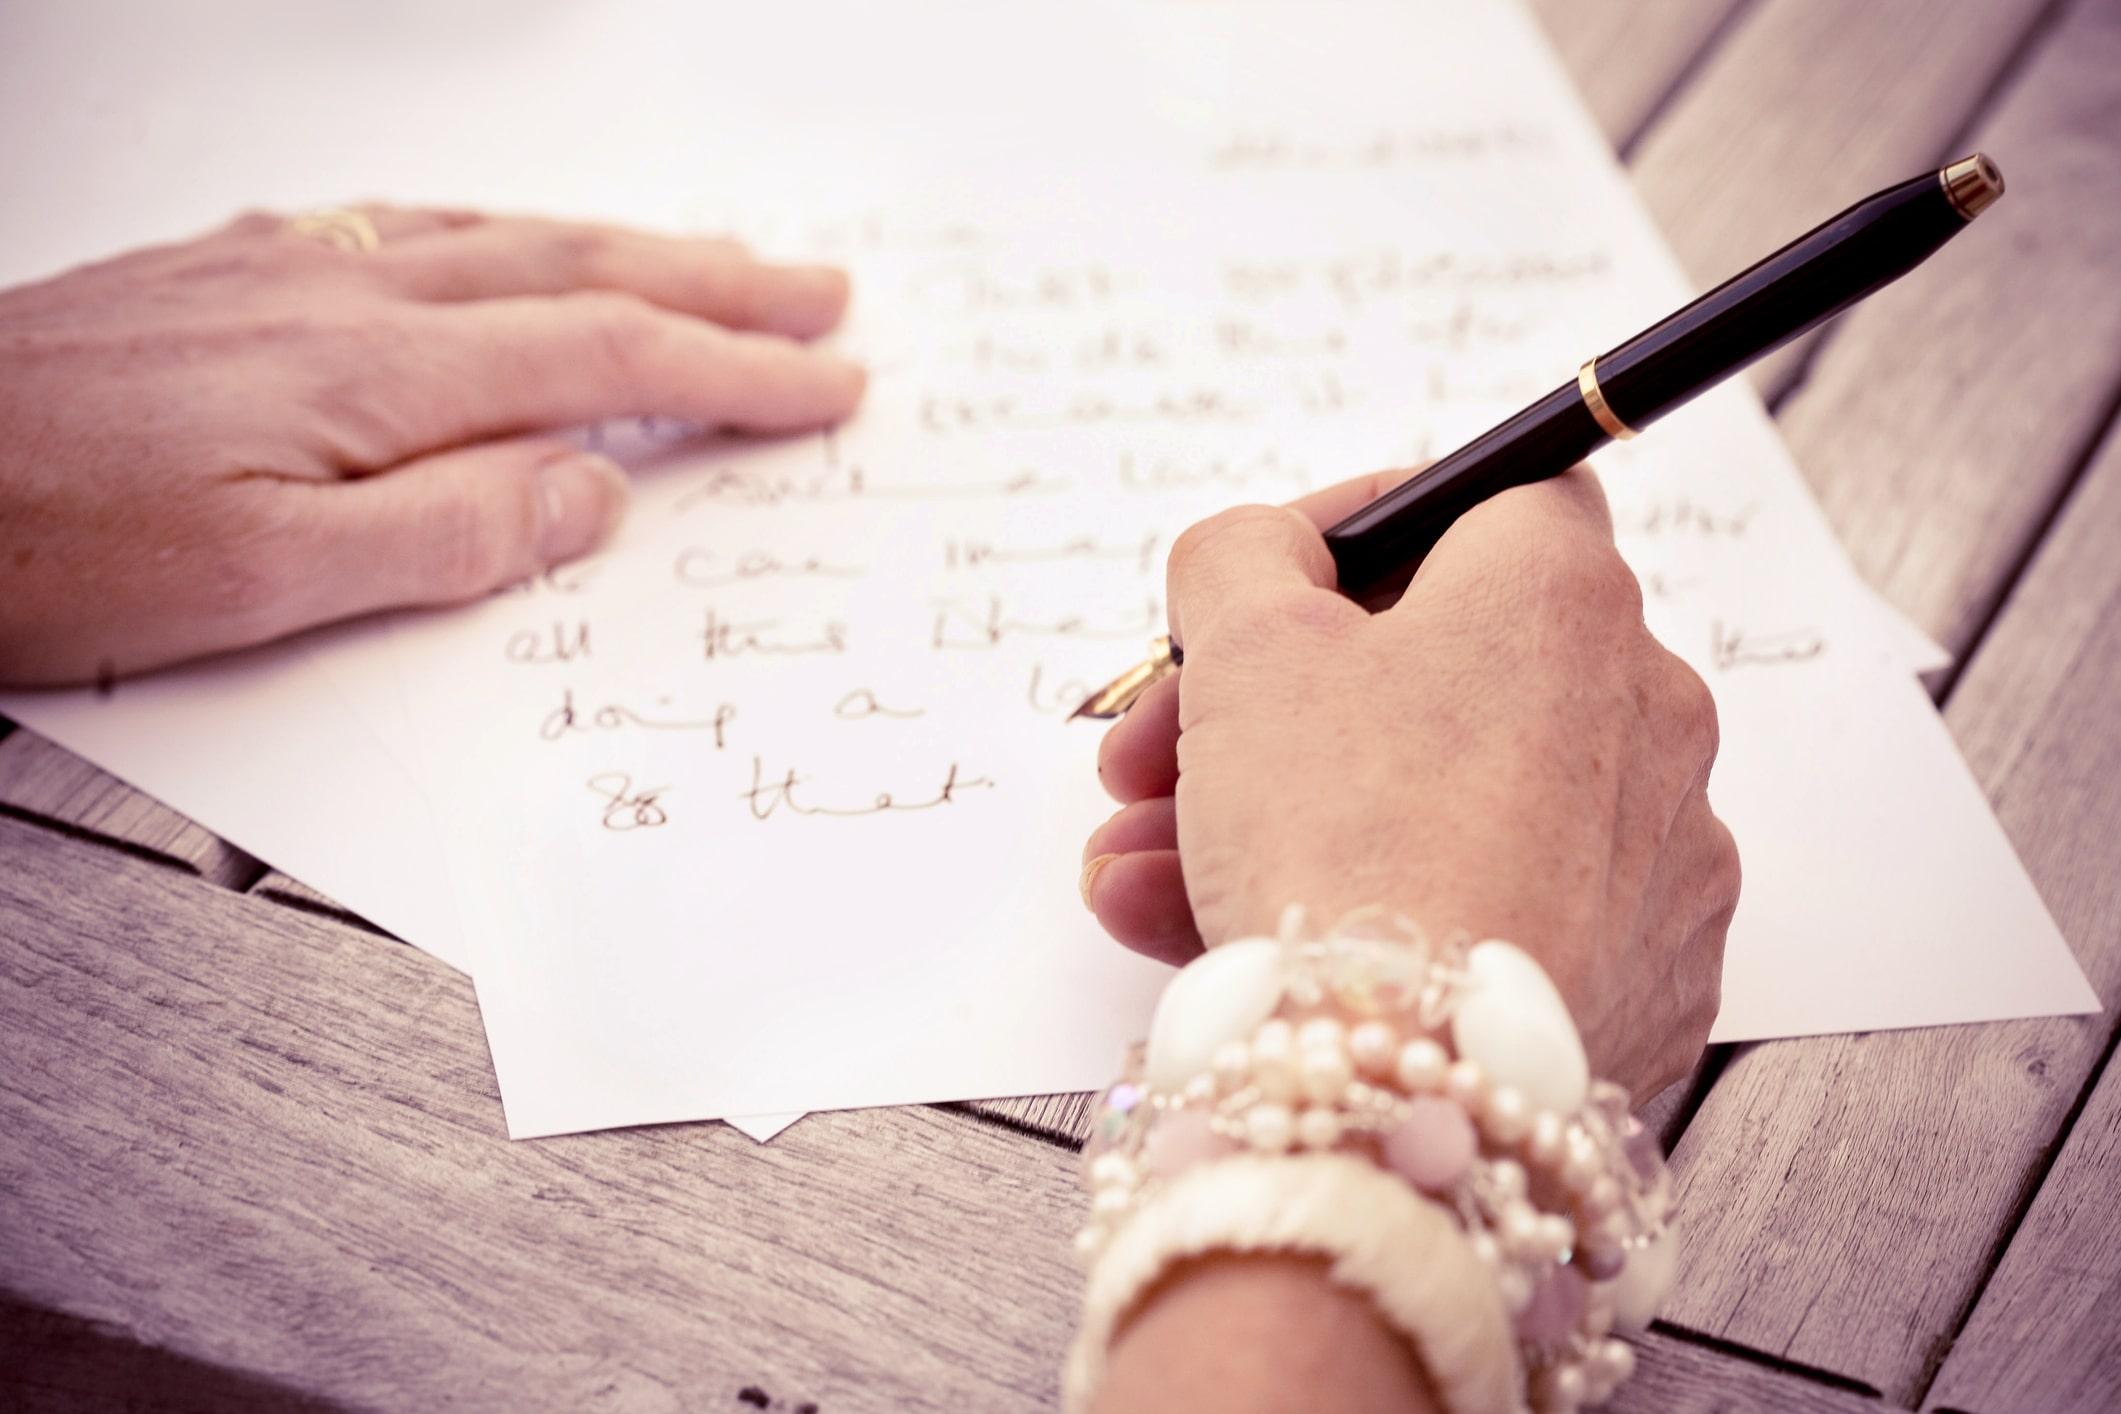 Aporta tu granito de arena mandando una carta de ánimo a los ingresados por coronavirus